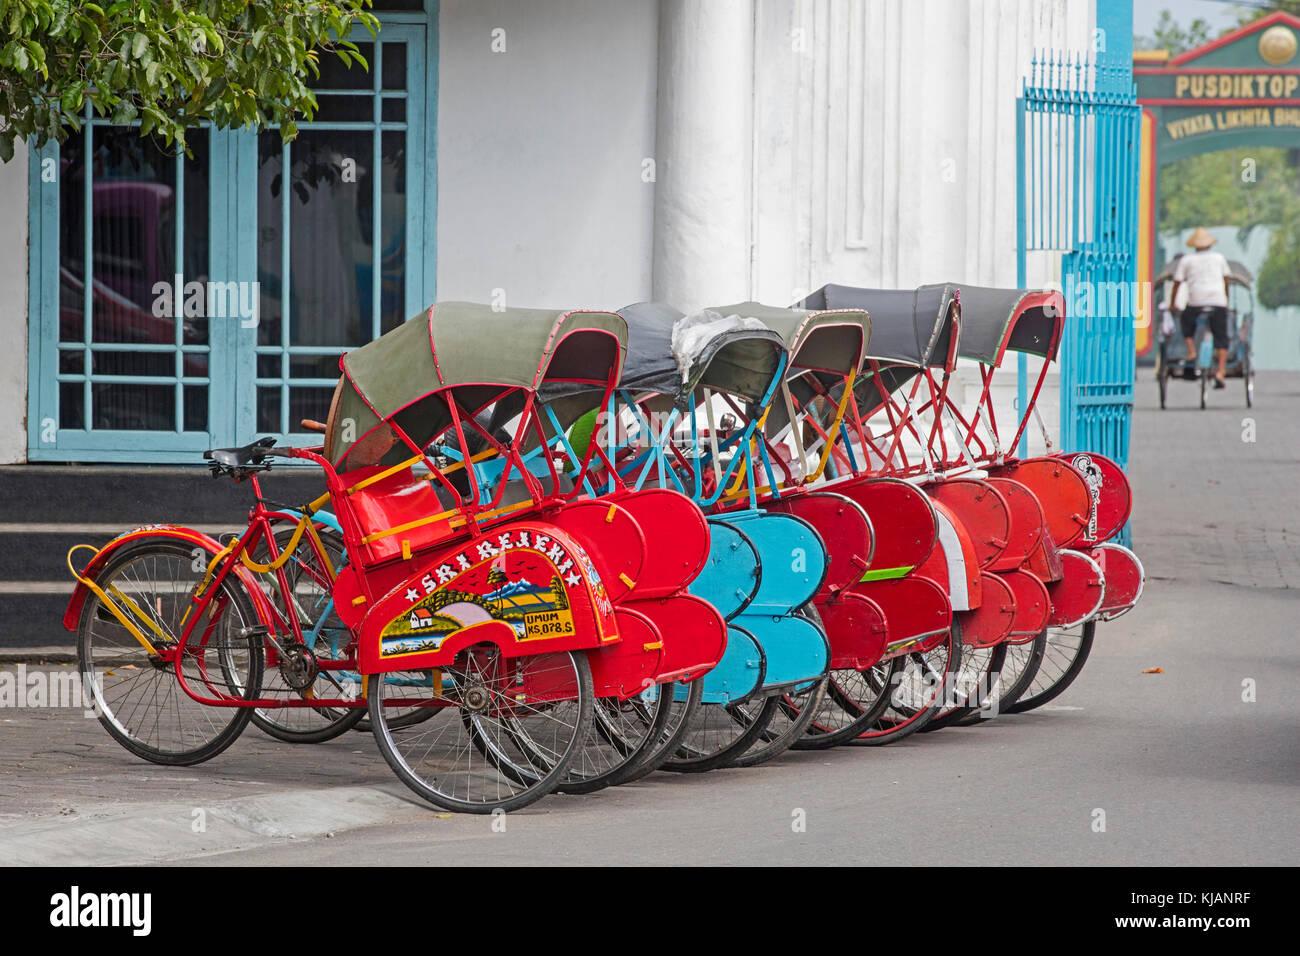 Zyklus Rikschas/becaks für die öffentlichen Verkehrsmittel in der Stadt Solo/Surakarta, Central Java, Stockbild